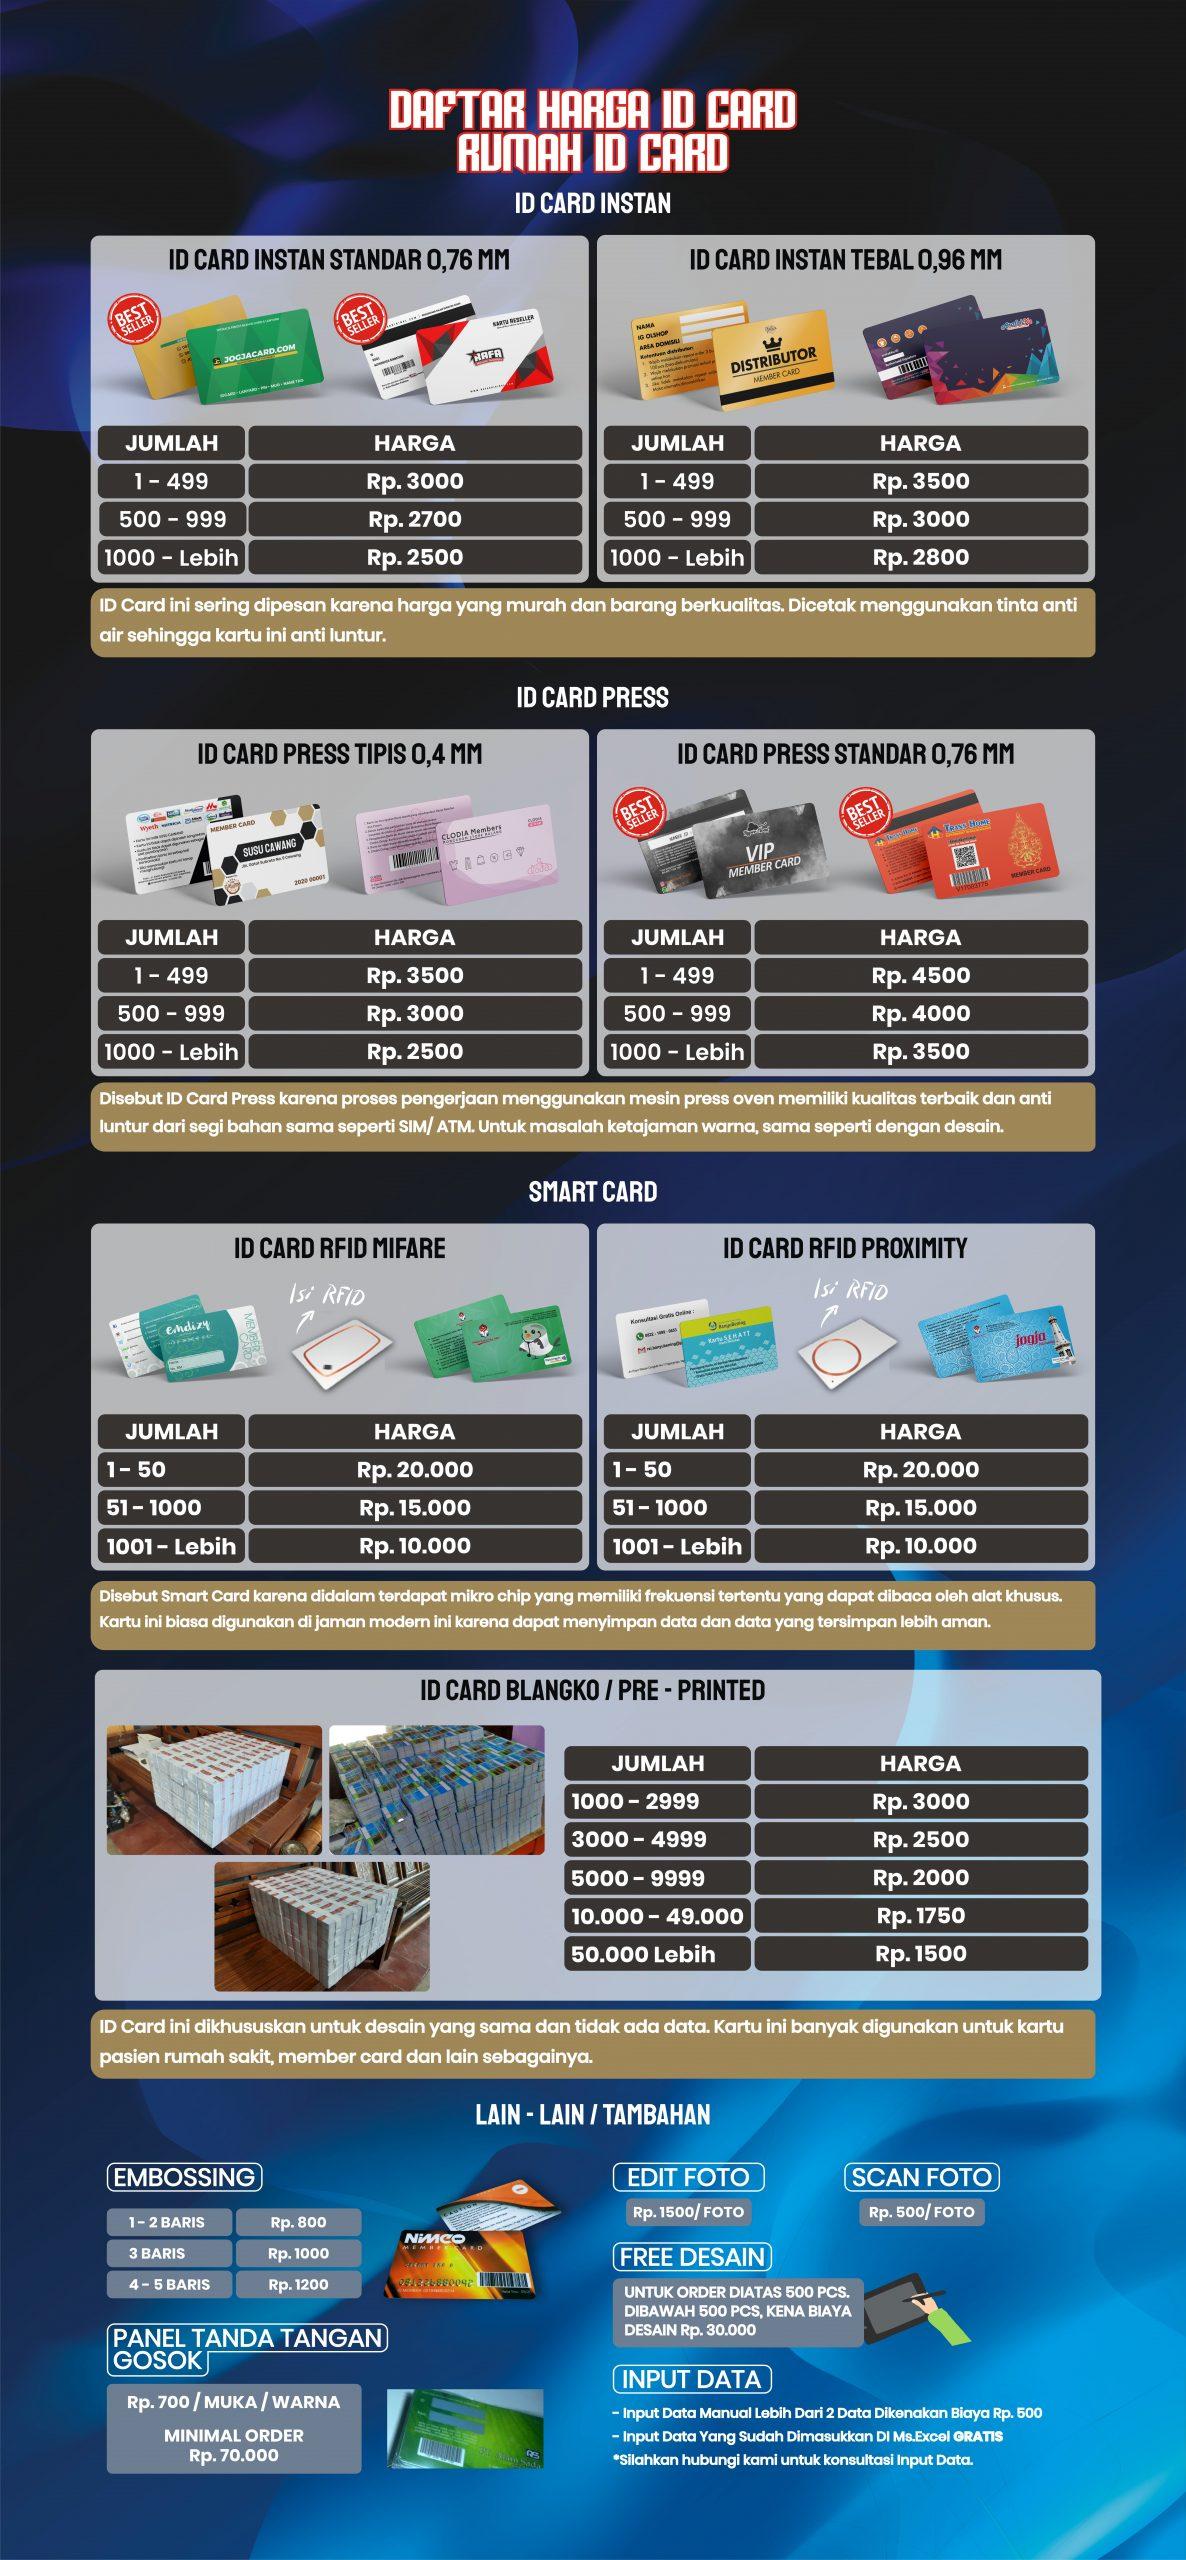 Daftar Harga Rumah ID Card 1